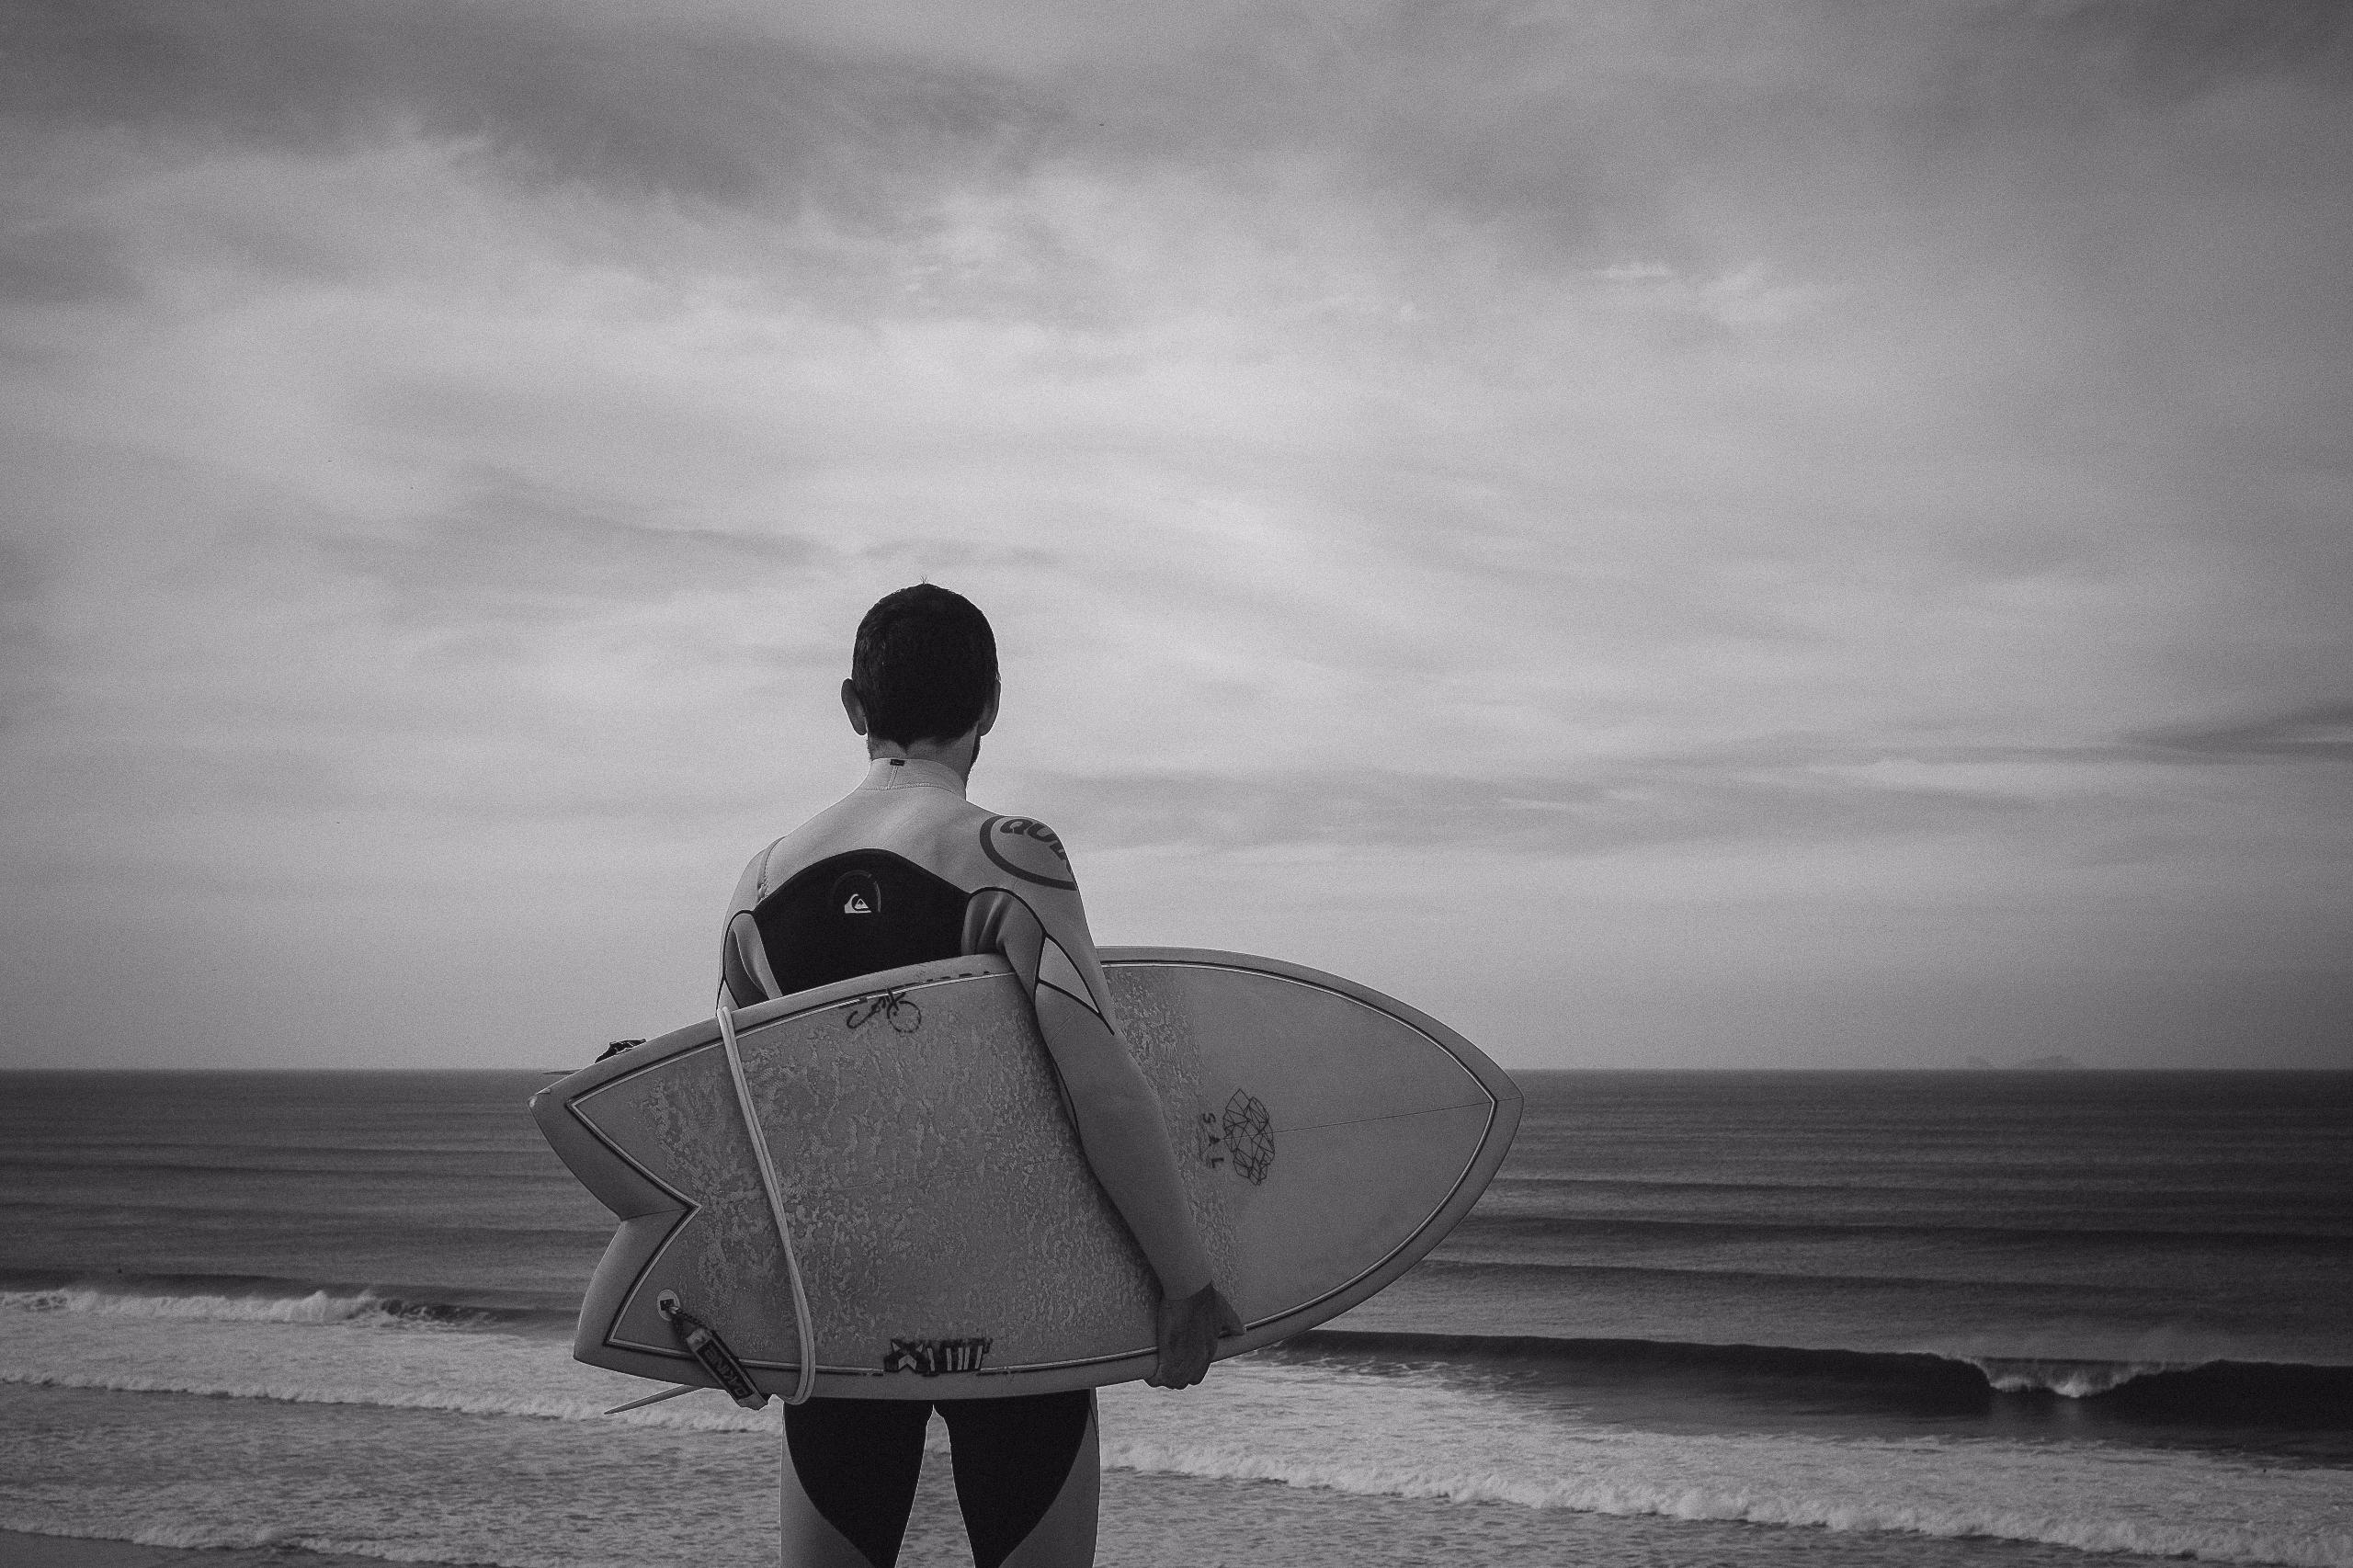 god rides surfboard Portugal Po - zepedroalvarez   ello